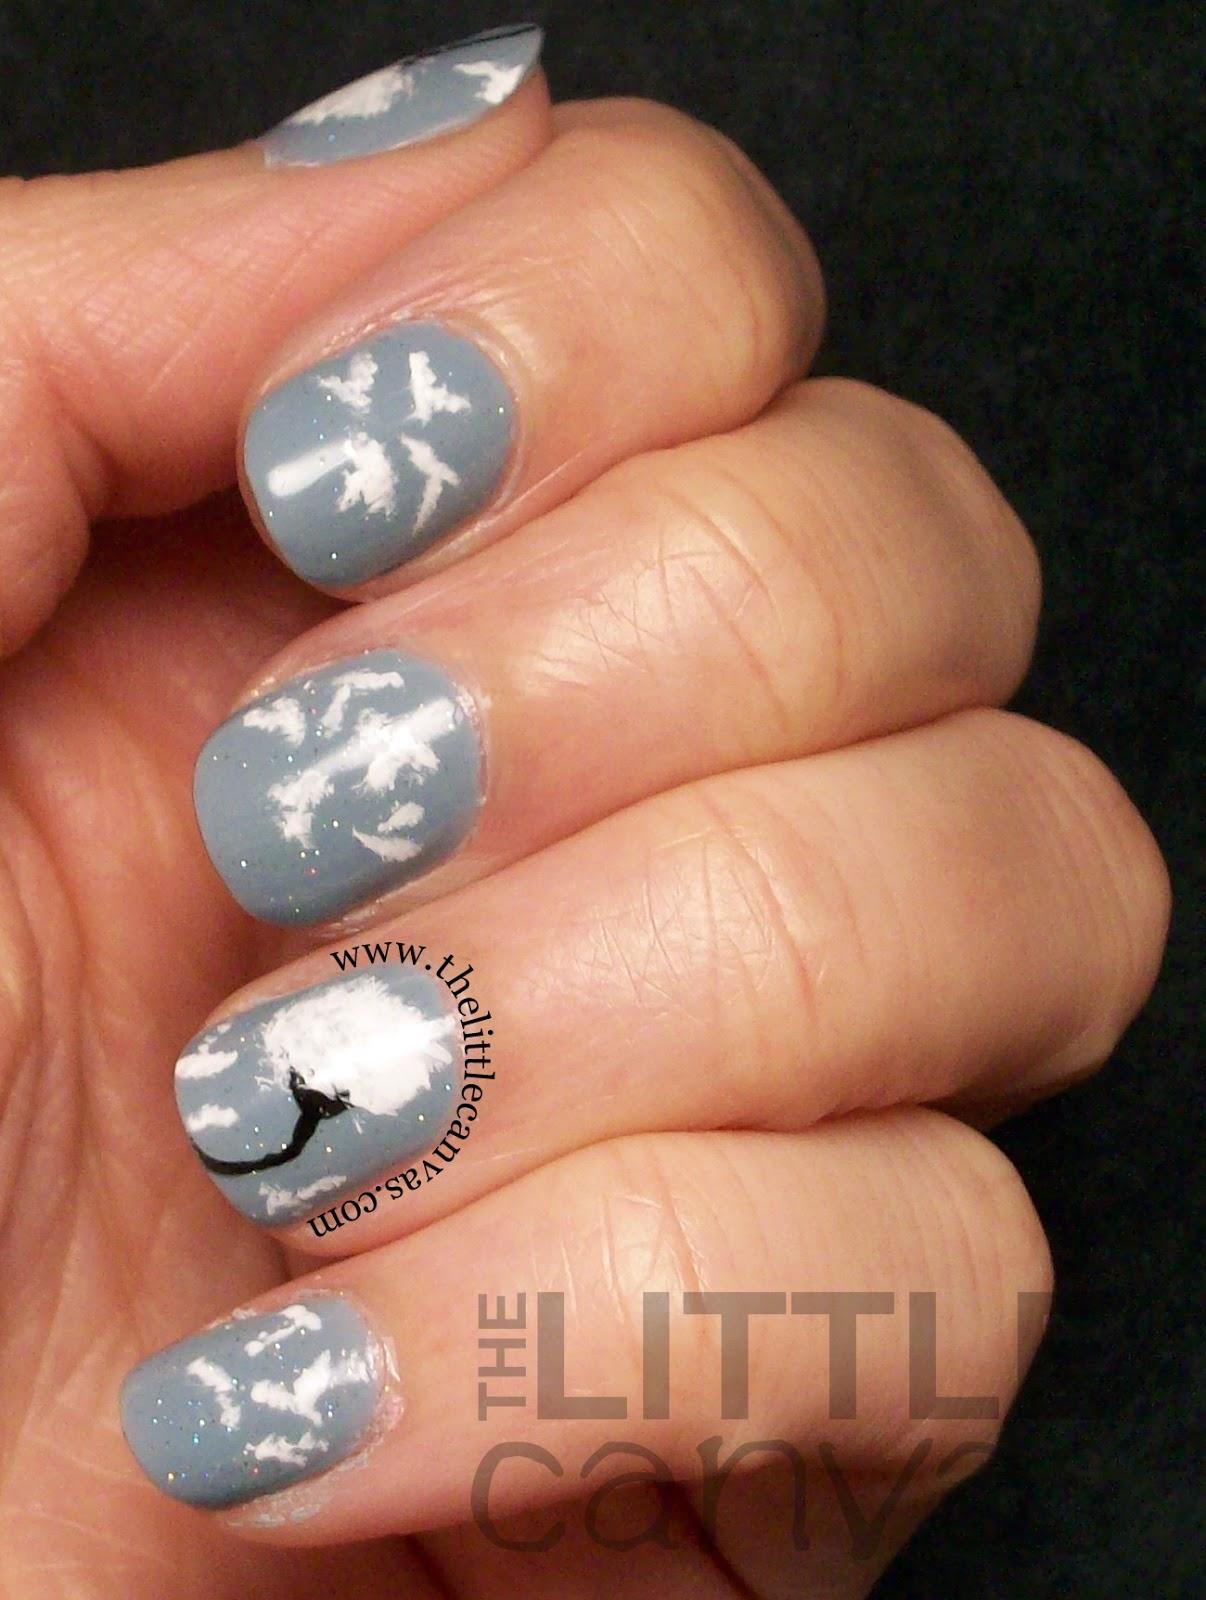 Dandelion Nail Art - The Little Canvas